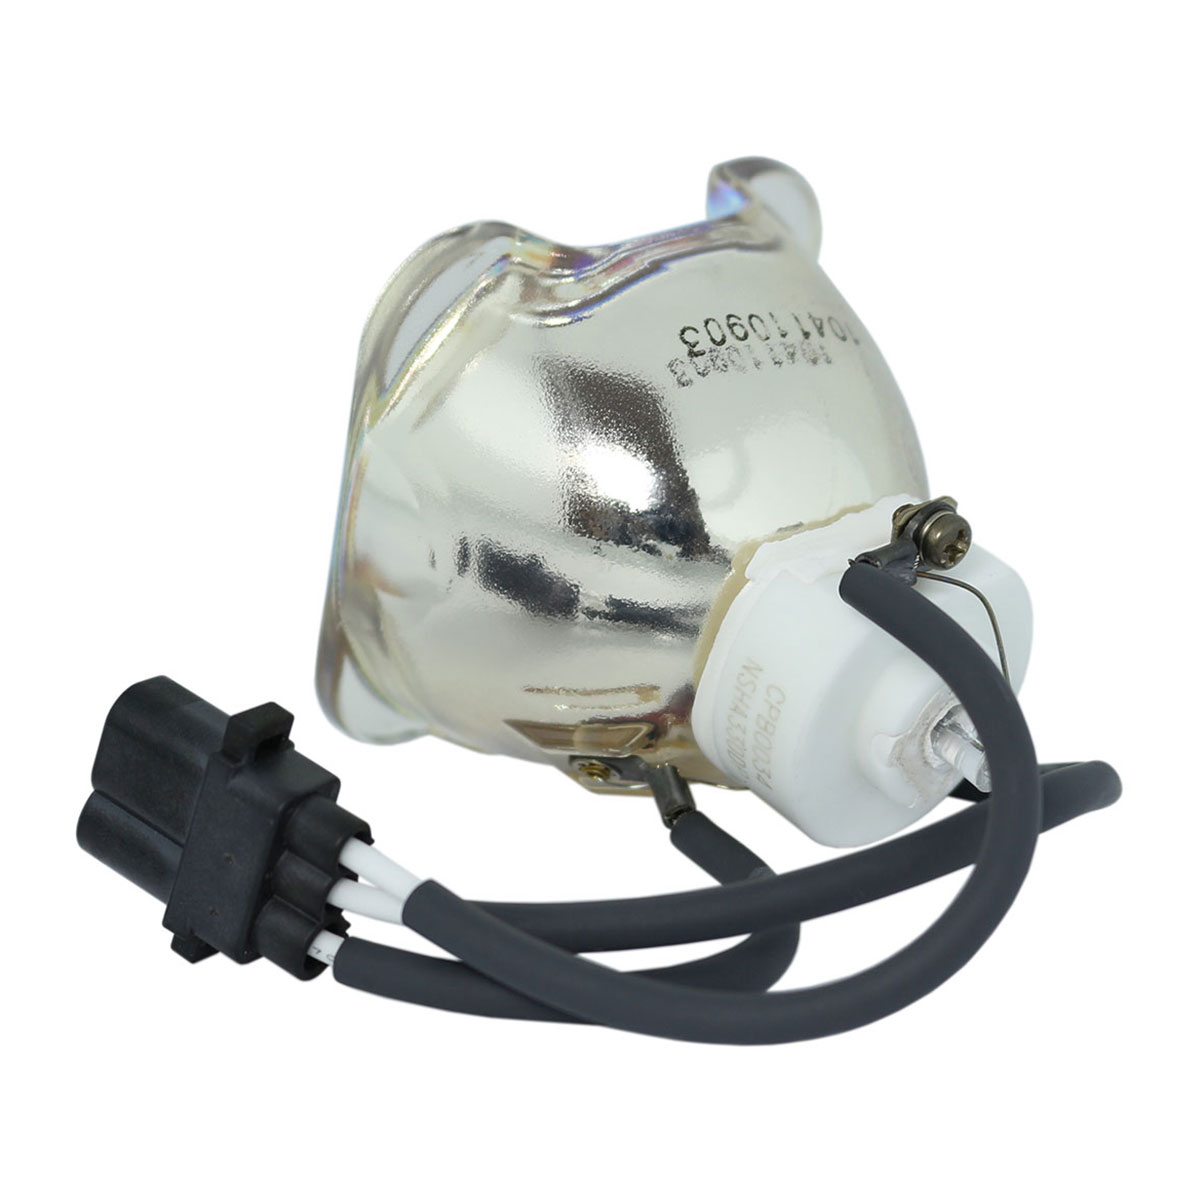 Lutema Platinum lampe pour Digital Projection 109-215J Projecteur (ampoule Philips originale) - image 2 de 5